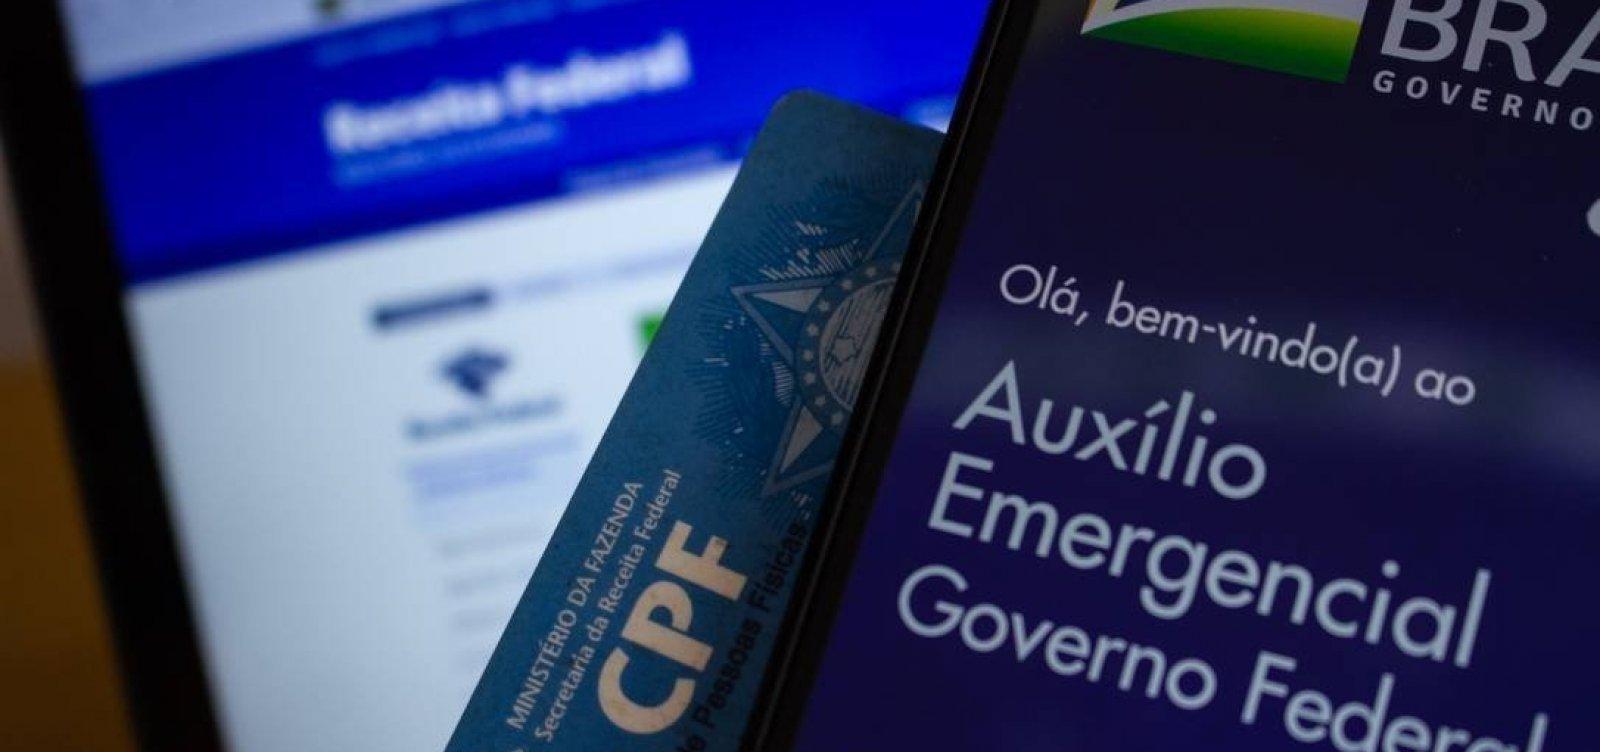 Auxílio emergencial: Confira calendário da última parcela em 2021